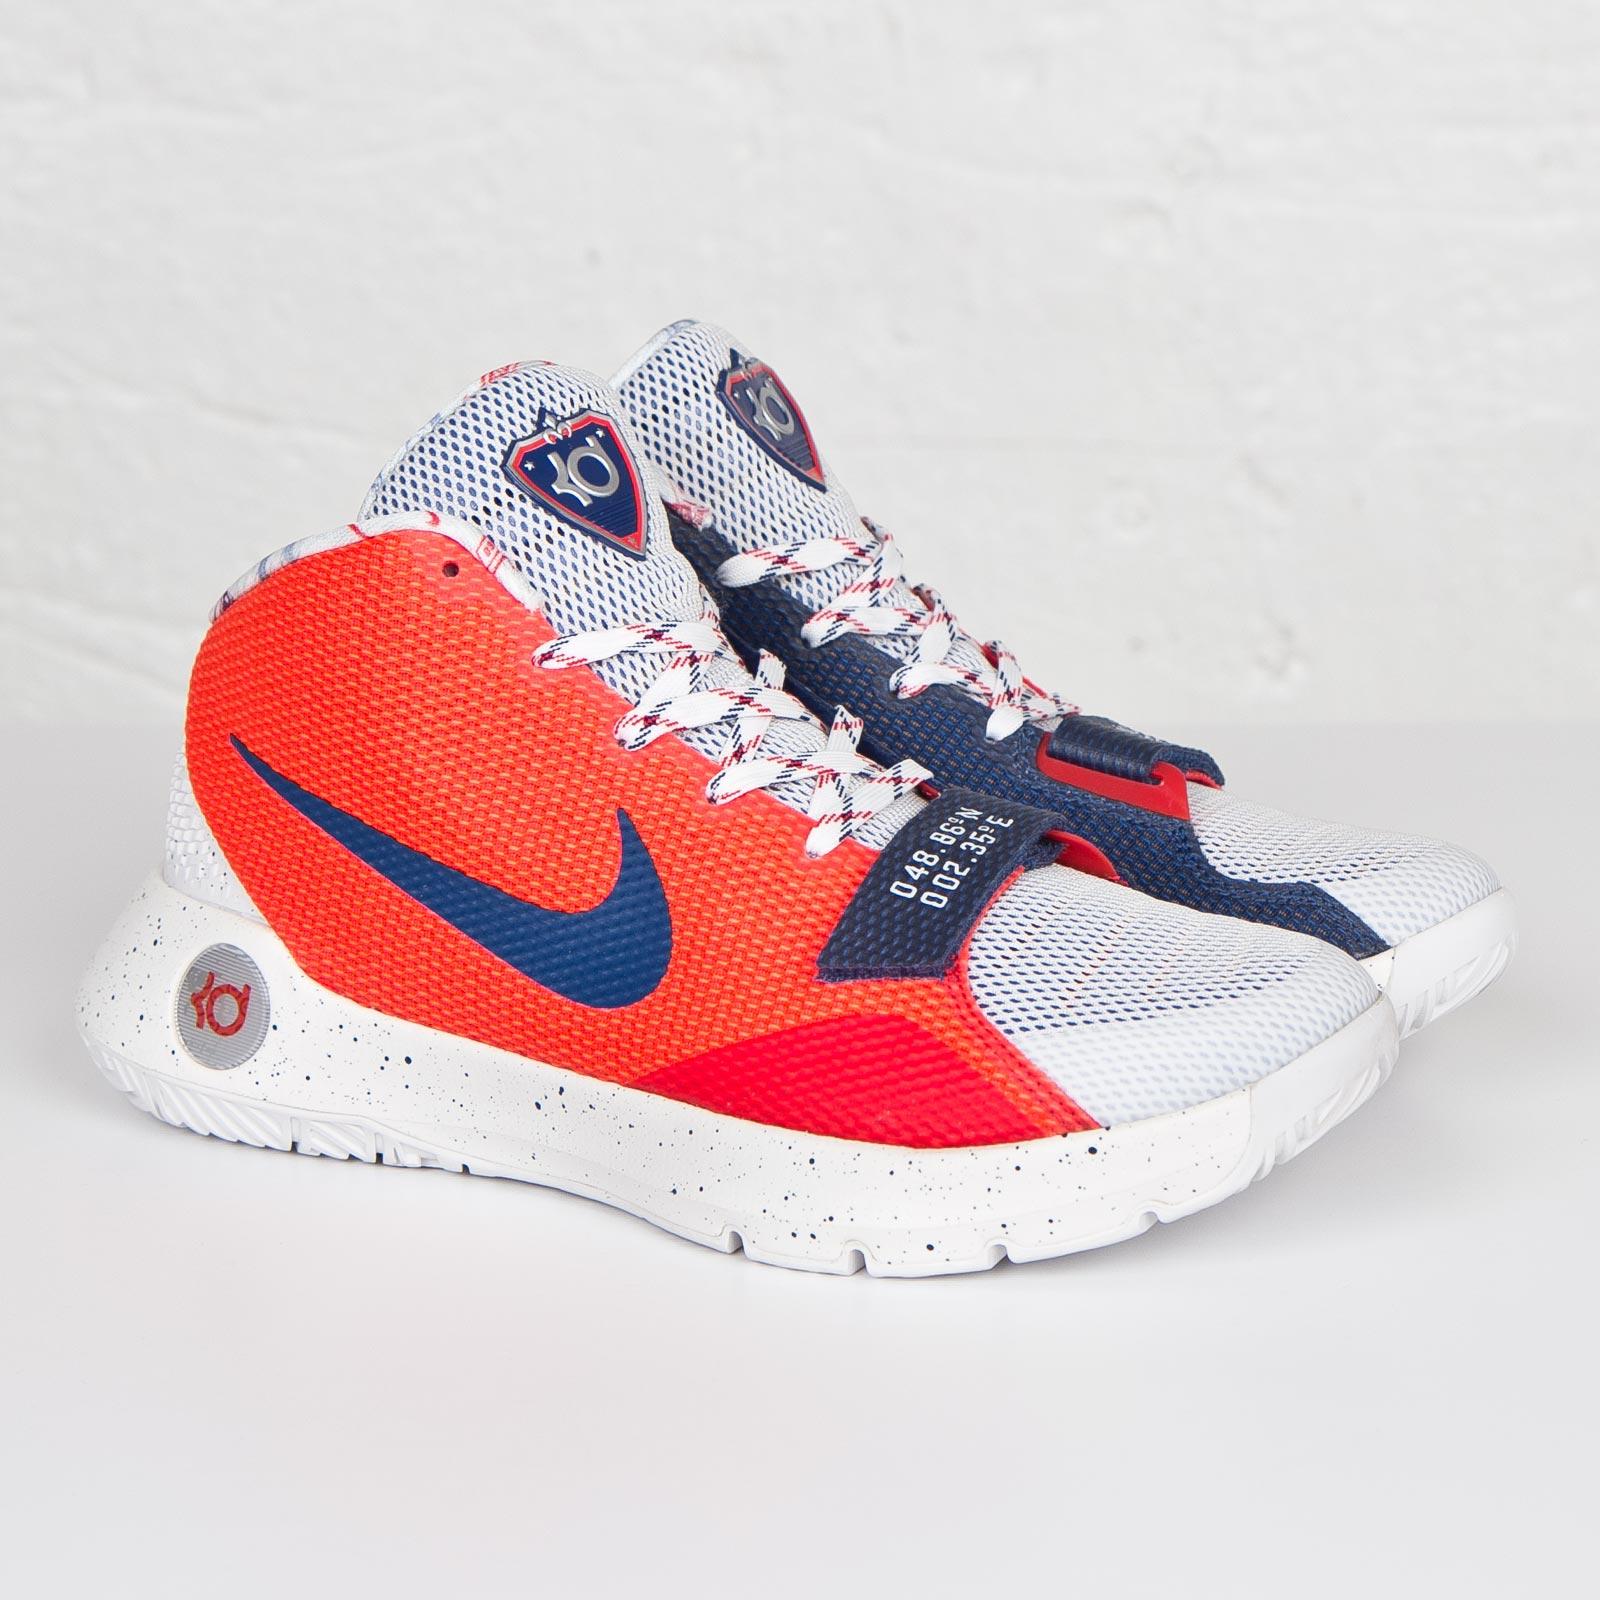 Nike KD Trey 5 III Limited - 812558-990